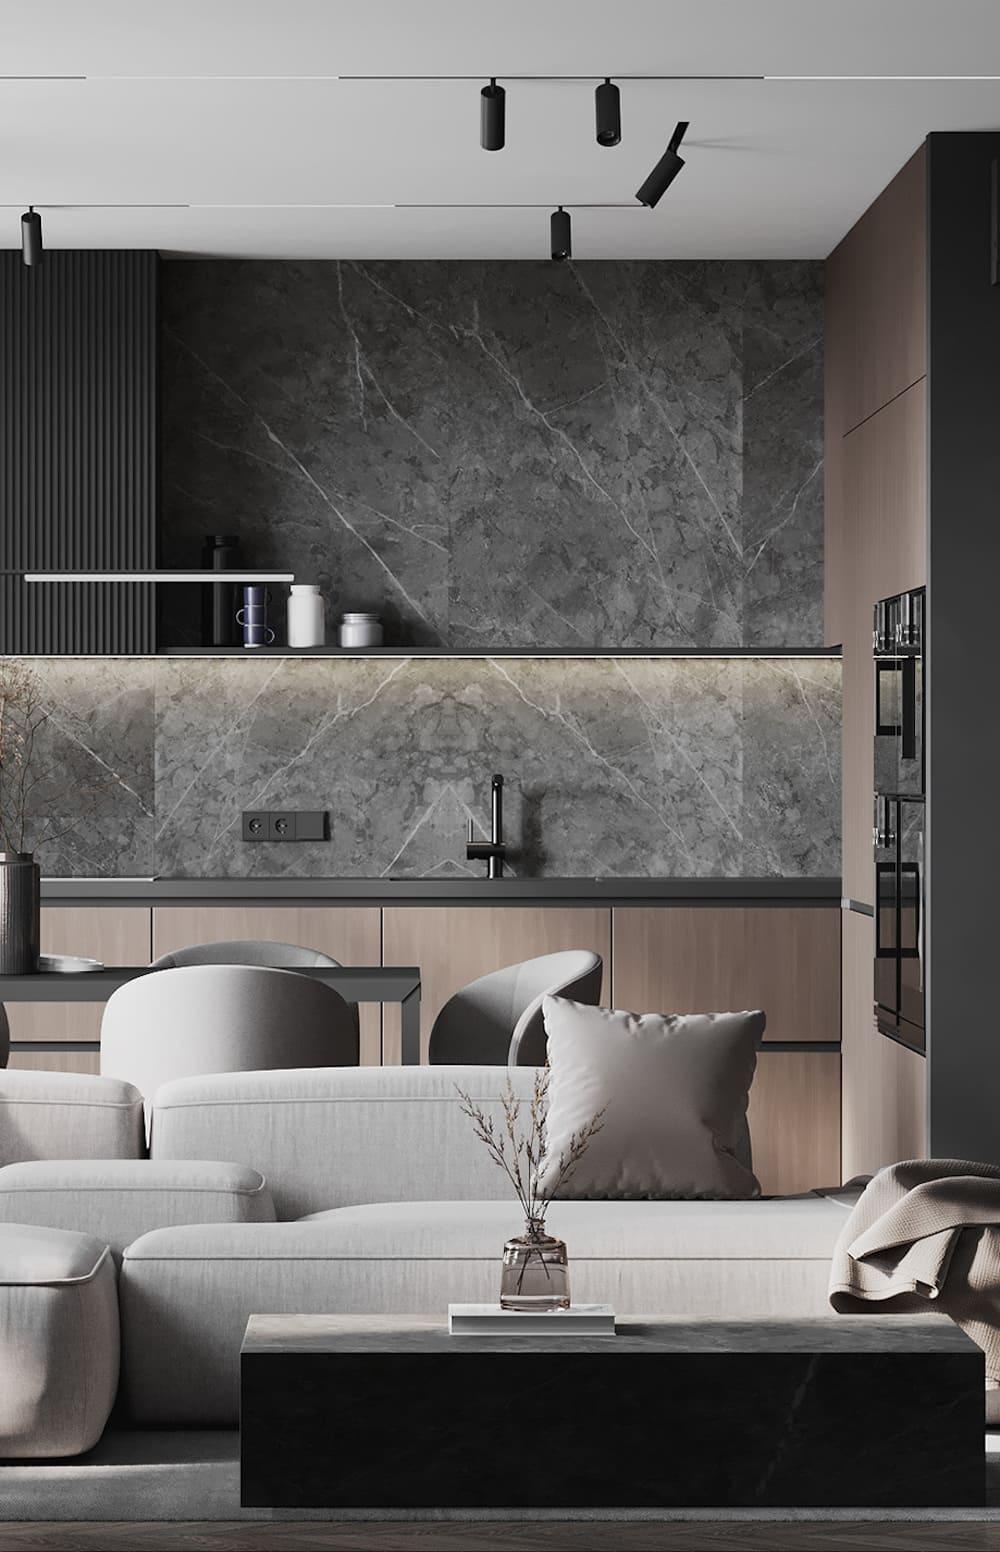 дизайн кухни в современном стиле фото 78